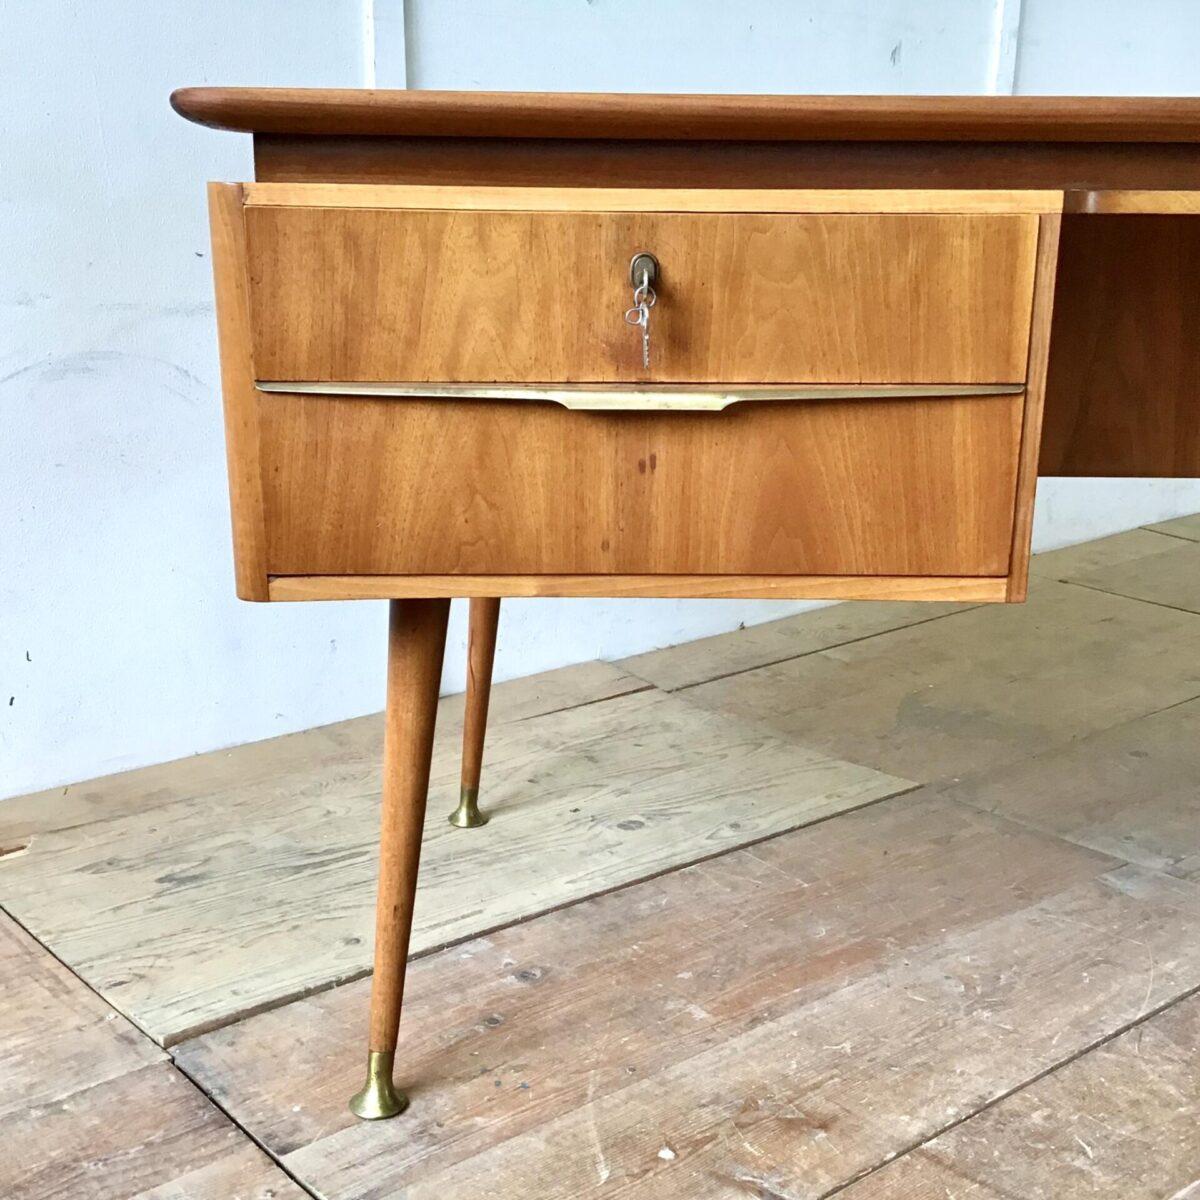 Vintage Schreibtisch 60er Jahre 174cm mal 78cm Höhe 76cm Beinfreiheit breite 60cm. Der Tisch ist aus Nussbaum furniert. Schubladen Griffe Messing leicht patiniert. Die konisch runden Füsse sind aus Buchenholz, mit schönen Messing Standfüssen. Die Grundform des Tisches ist leicht gebogen. Auch die Rückseite ist schön verarbeitet mit dem länglichen Fach und dem Auszug Tablar. Ideal um frei im Raum zu stehen.